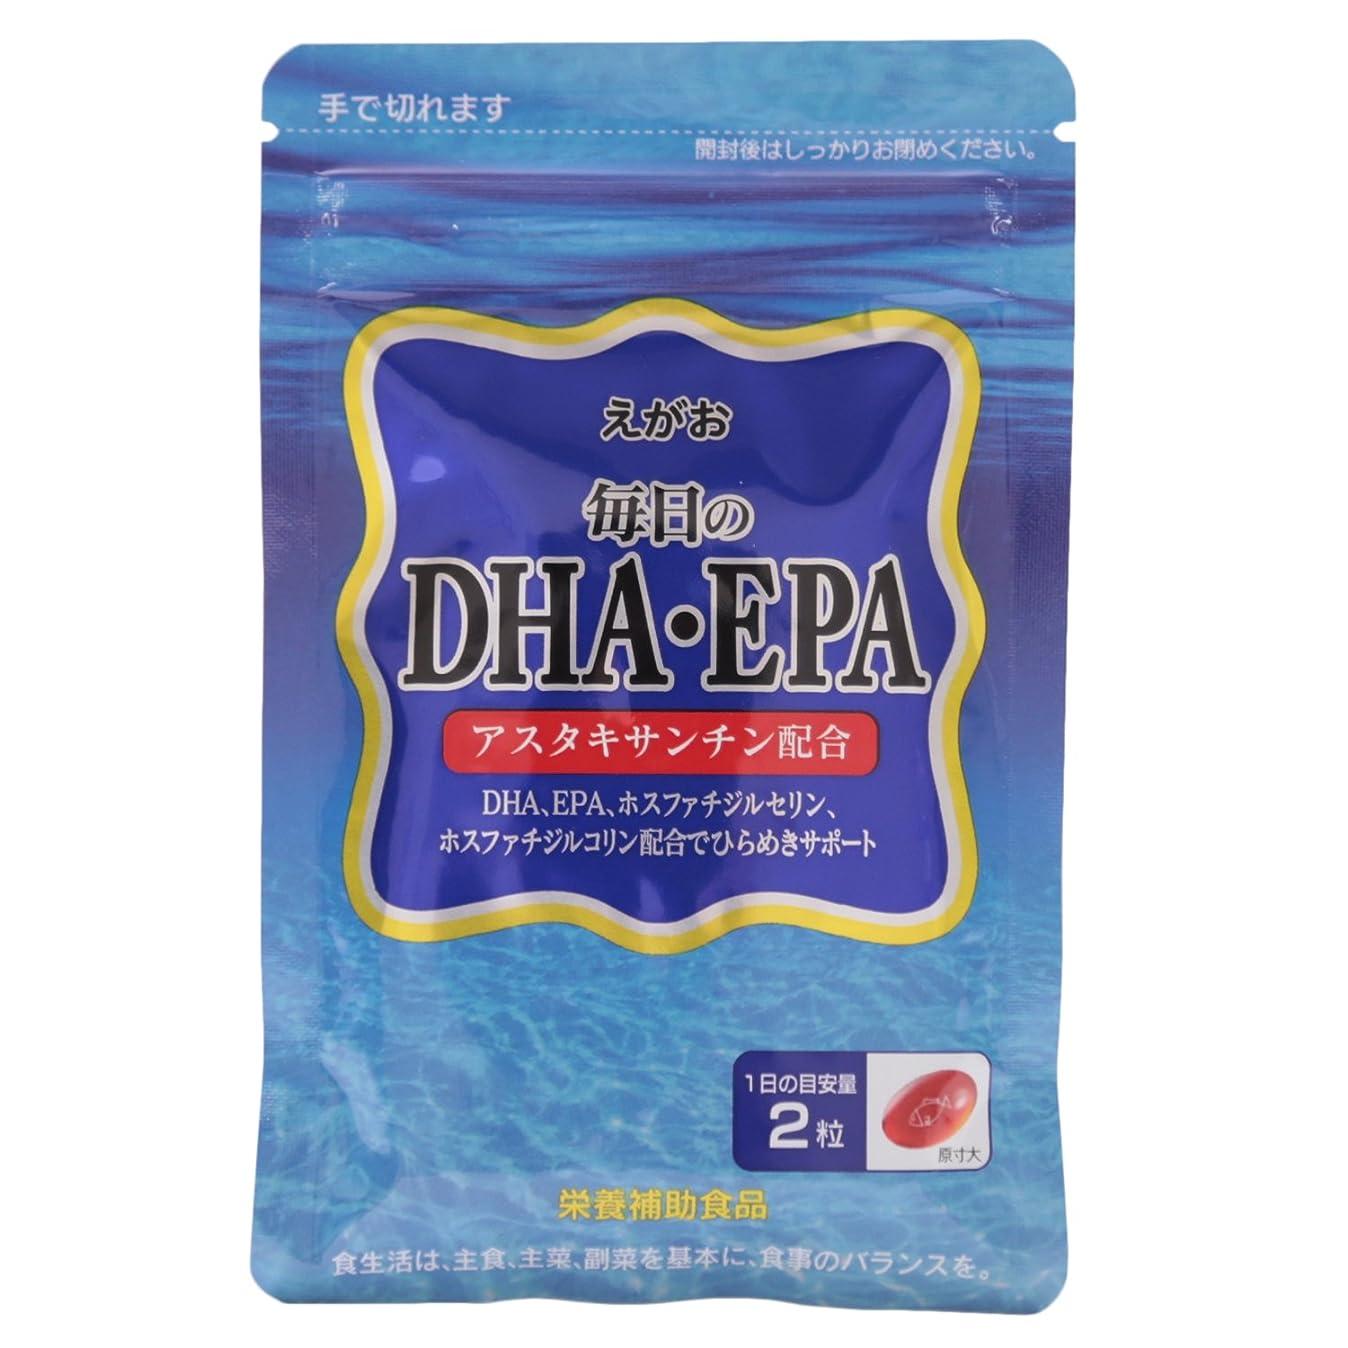 拾う名前で湿ったえがお 毎日の DHA ? EPA 【1袋】(1袋/62粒入り 約1ヵ月分) 栄養補助食品